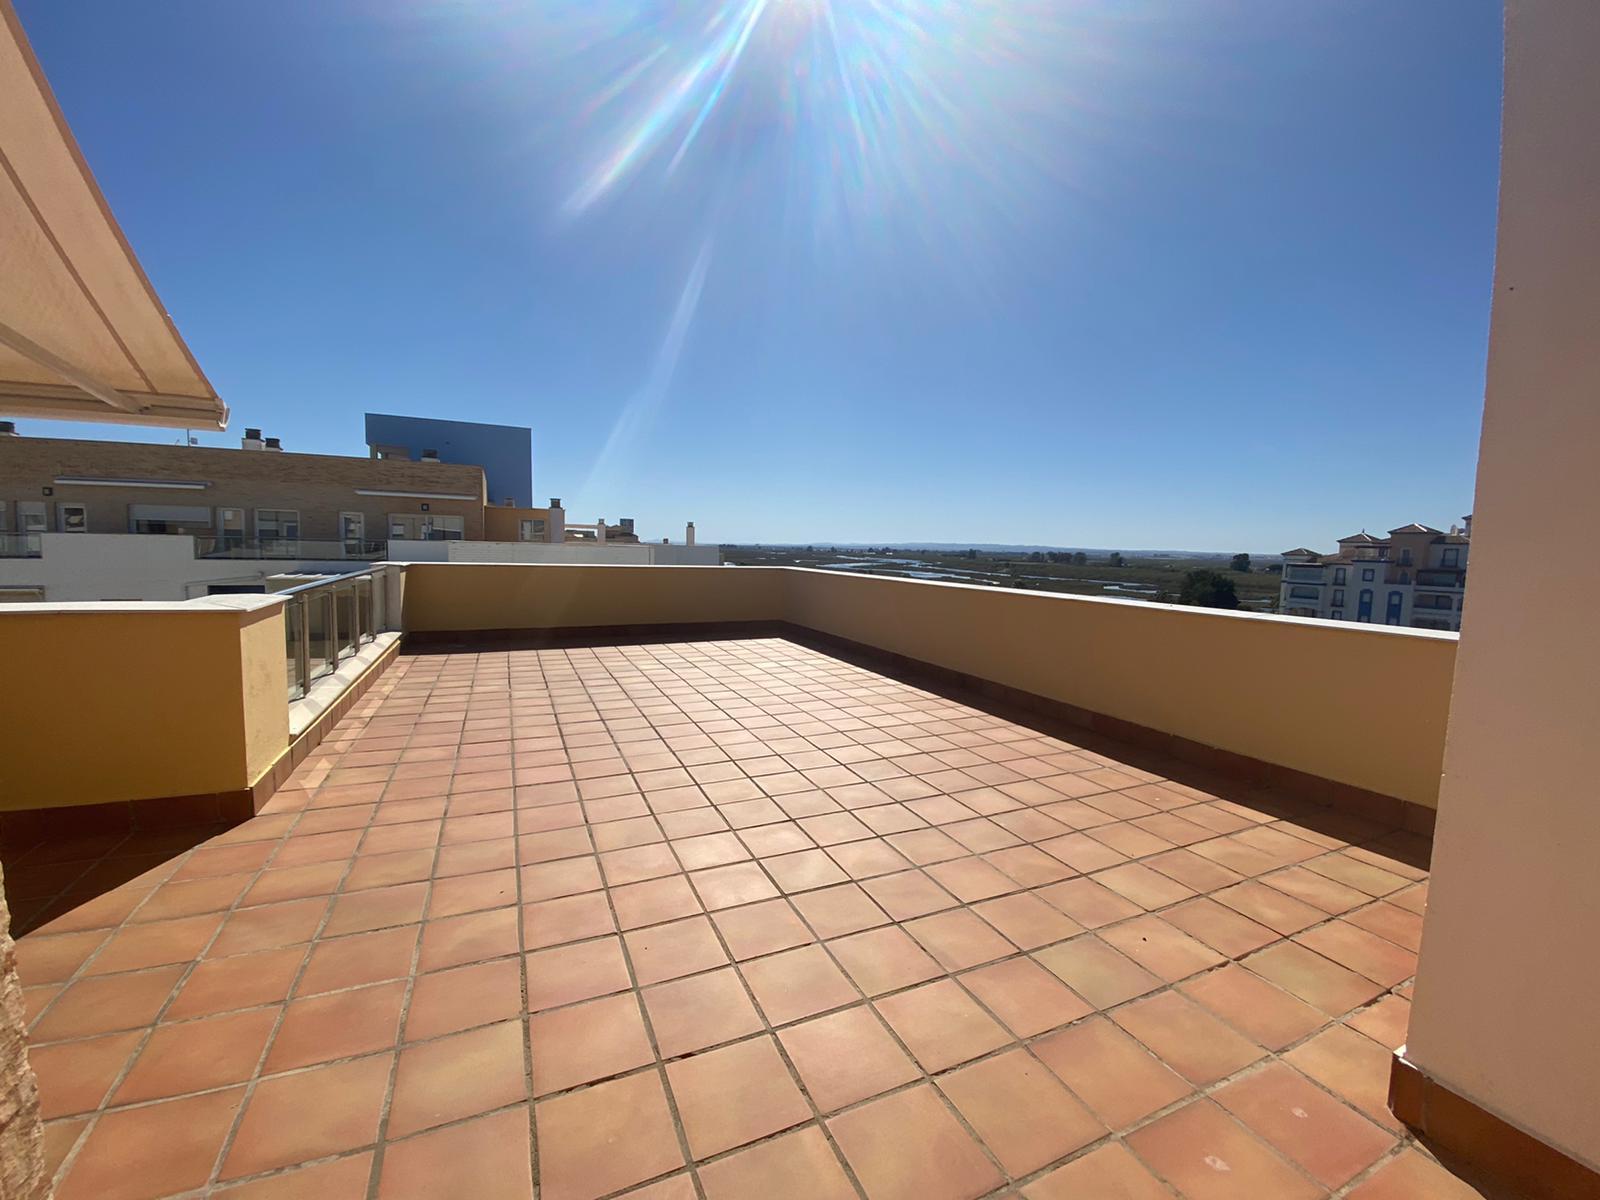 Imagen 7 del Apartamento Turístico, Ático 8 Central (3d+2b), Punta del Moral (HUELVA), Paseo de la Cruz nº22